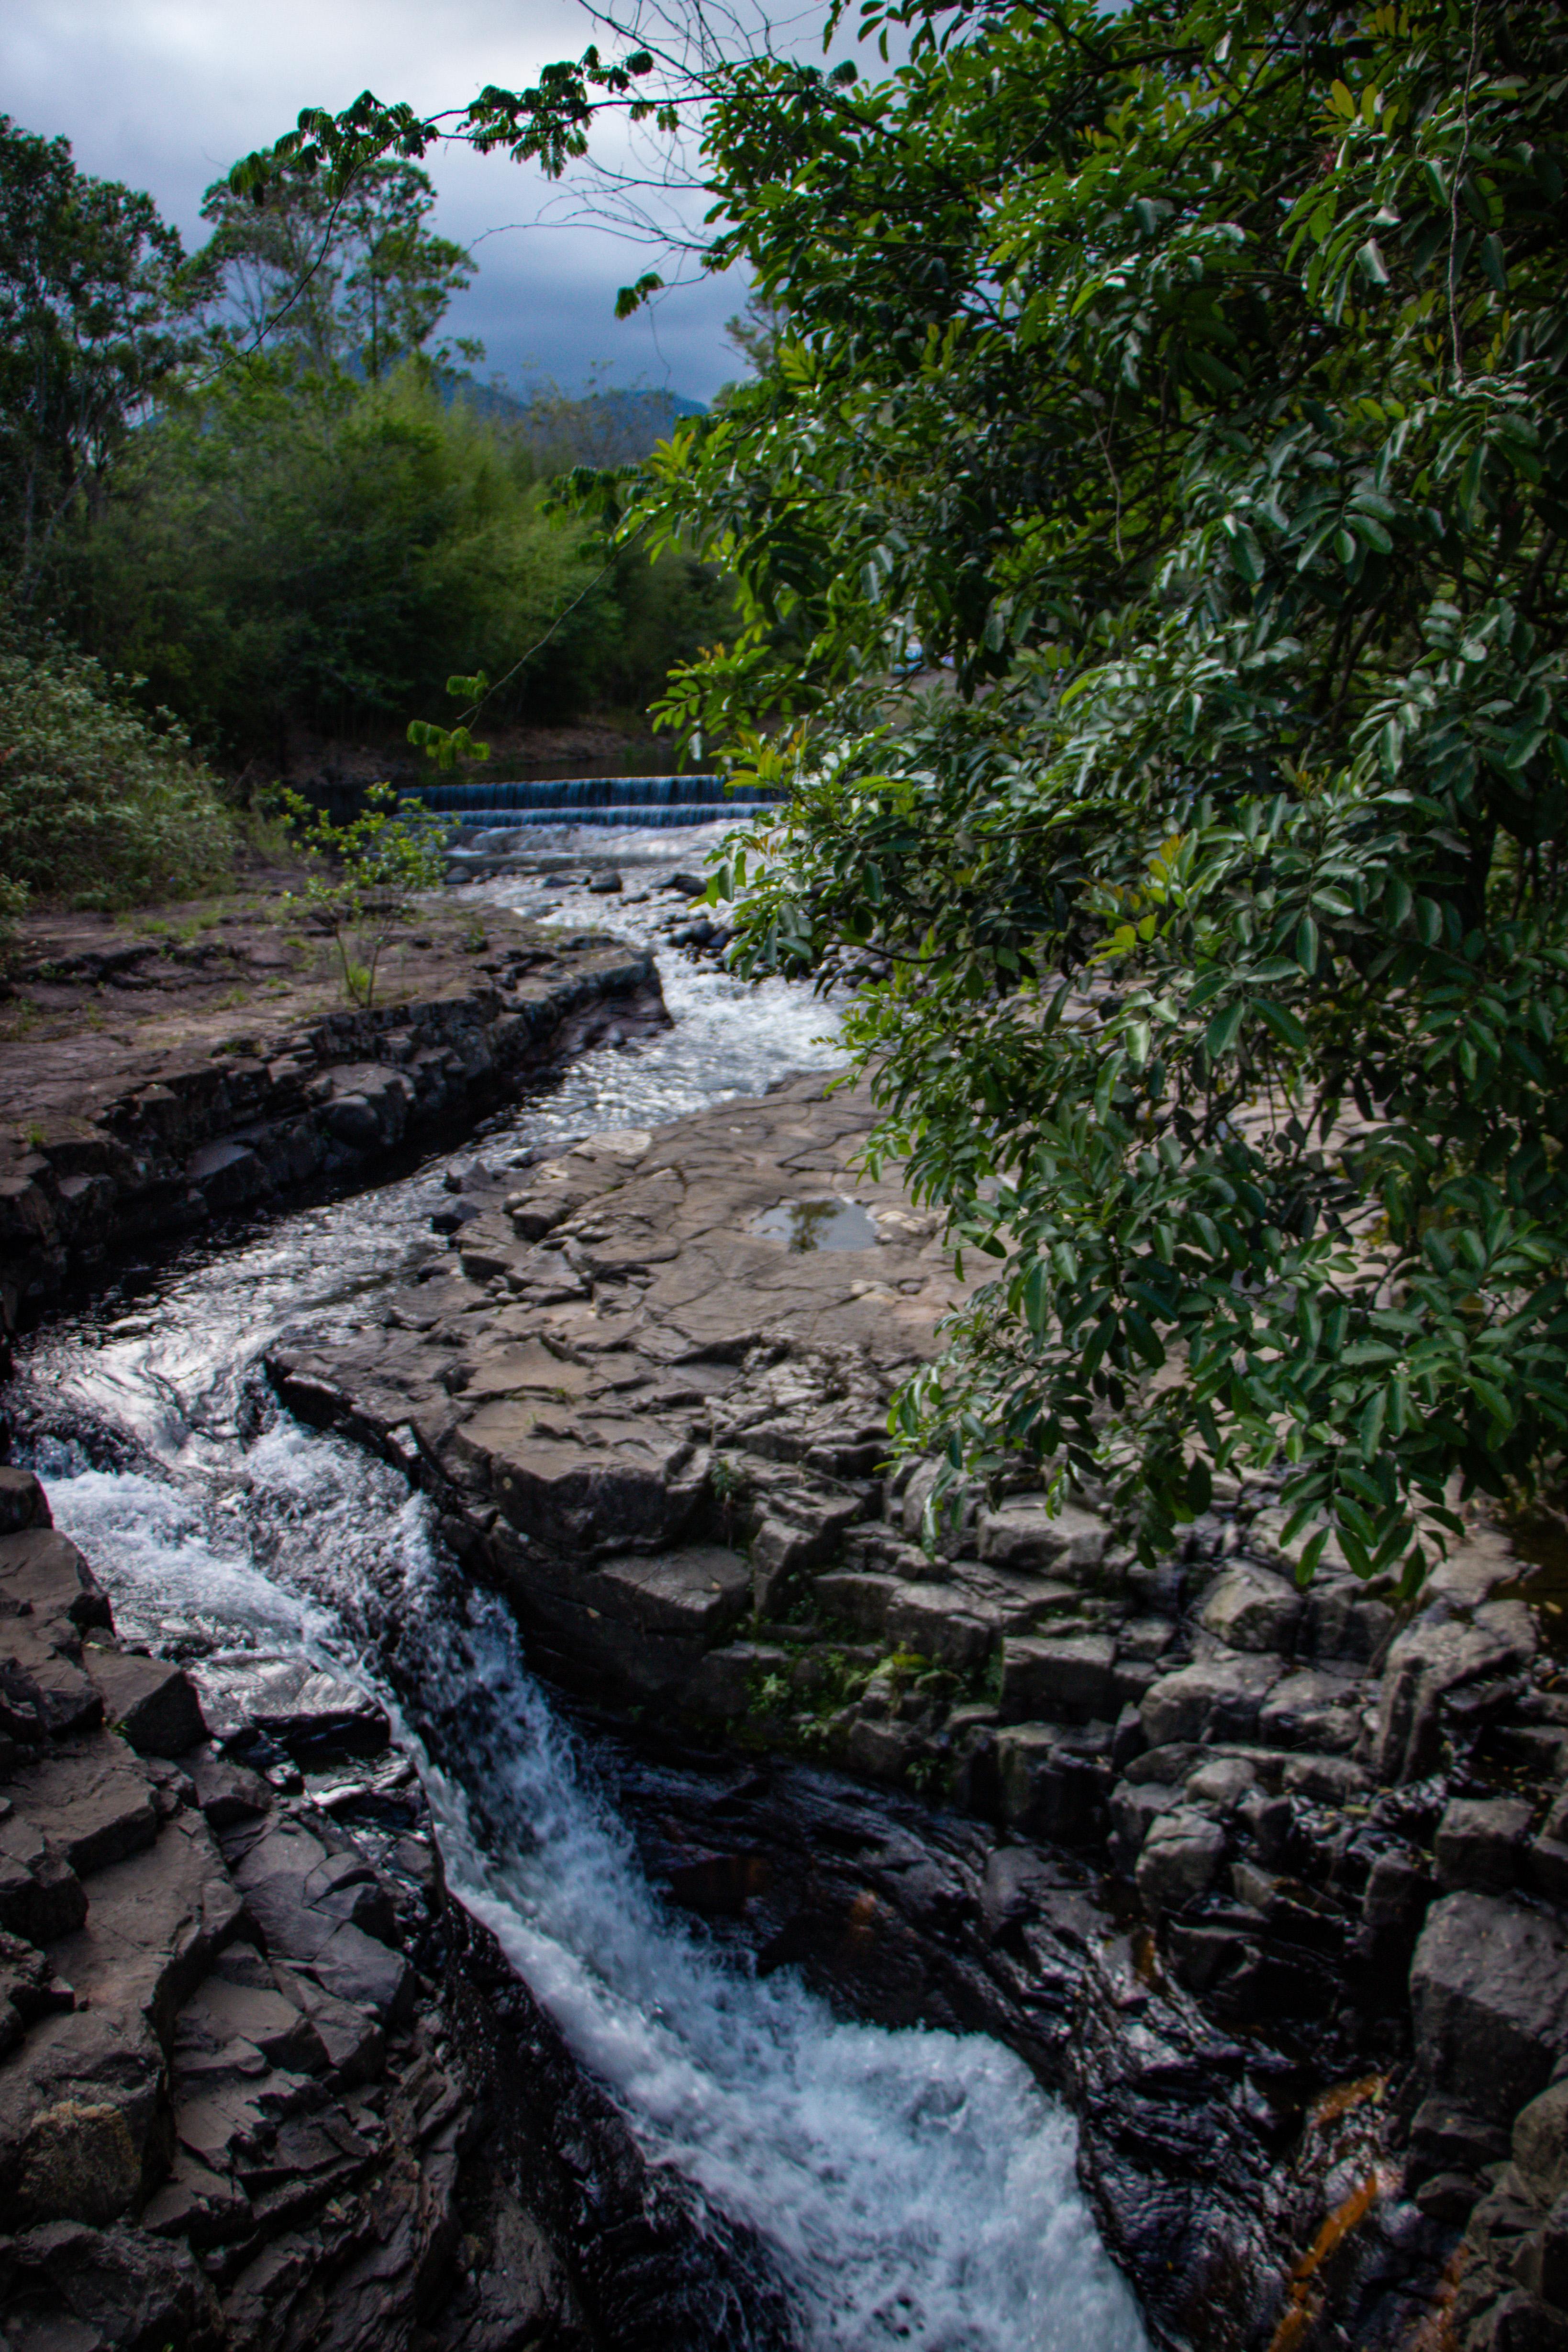 TREVISO, Cachoeira do rio manin